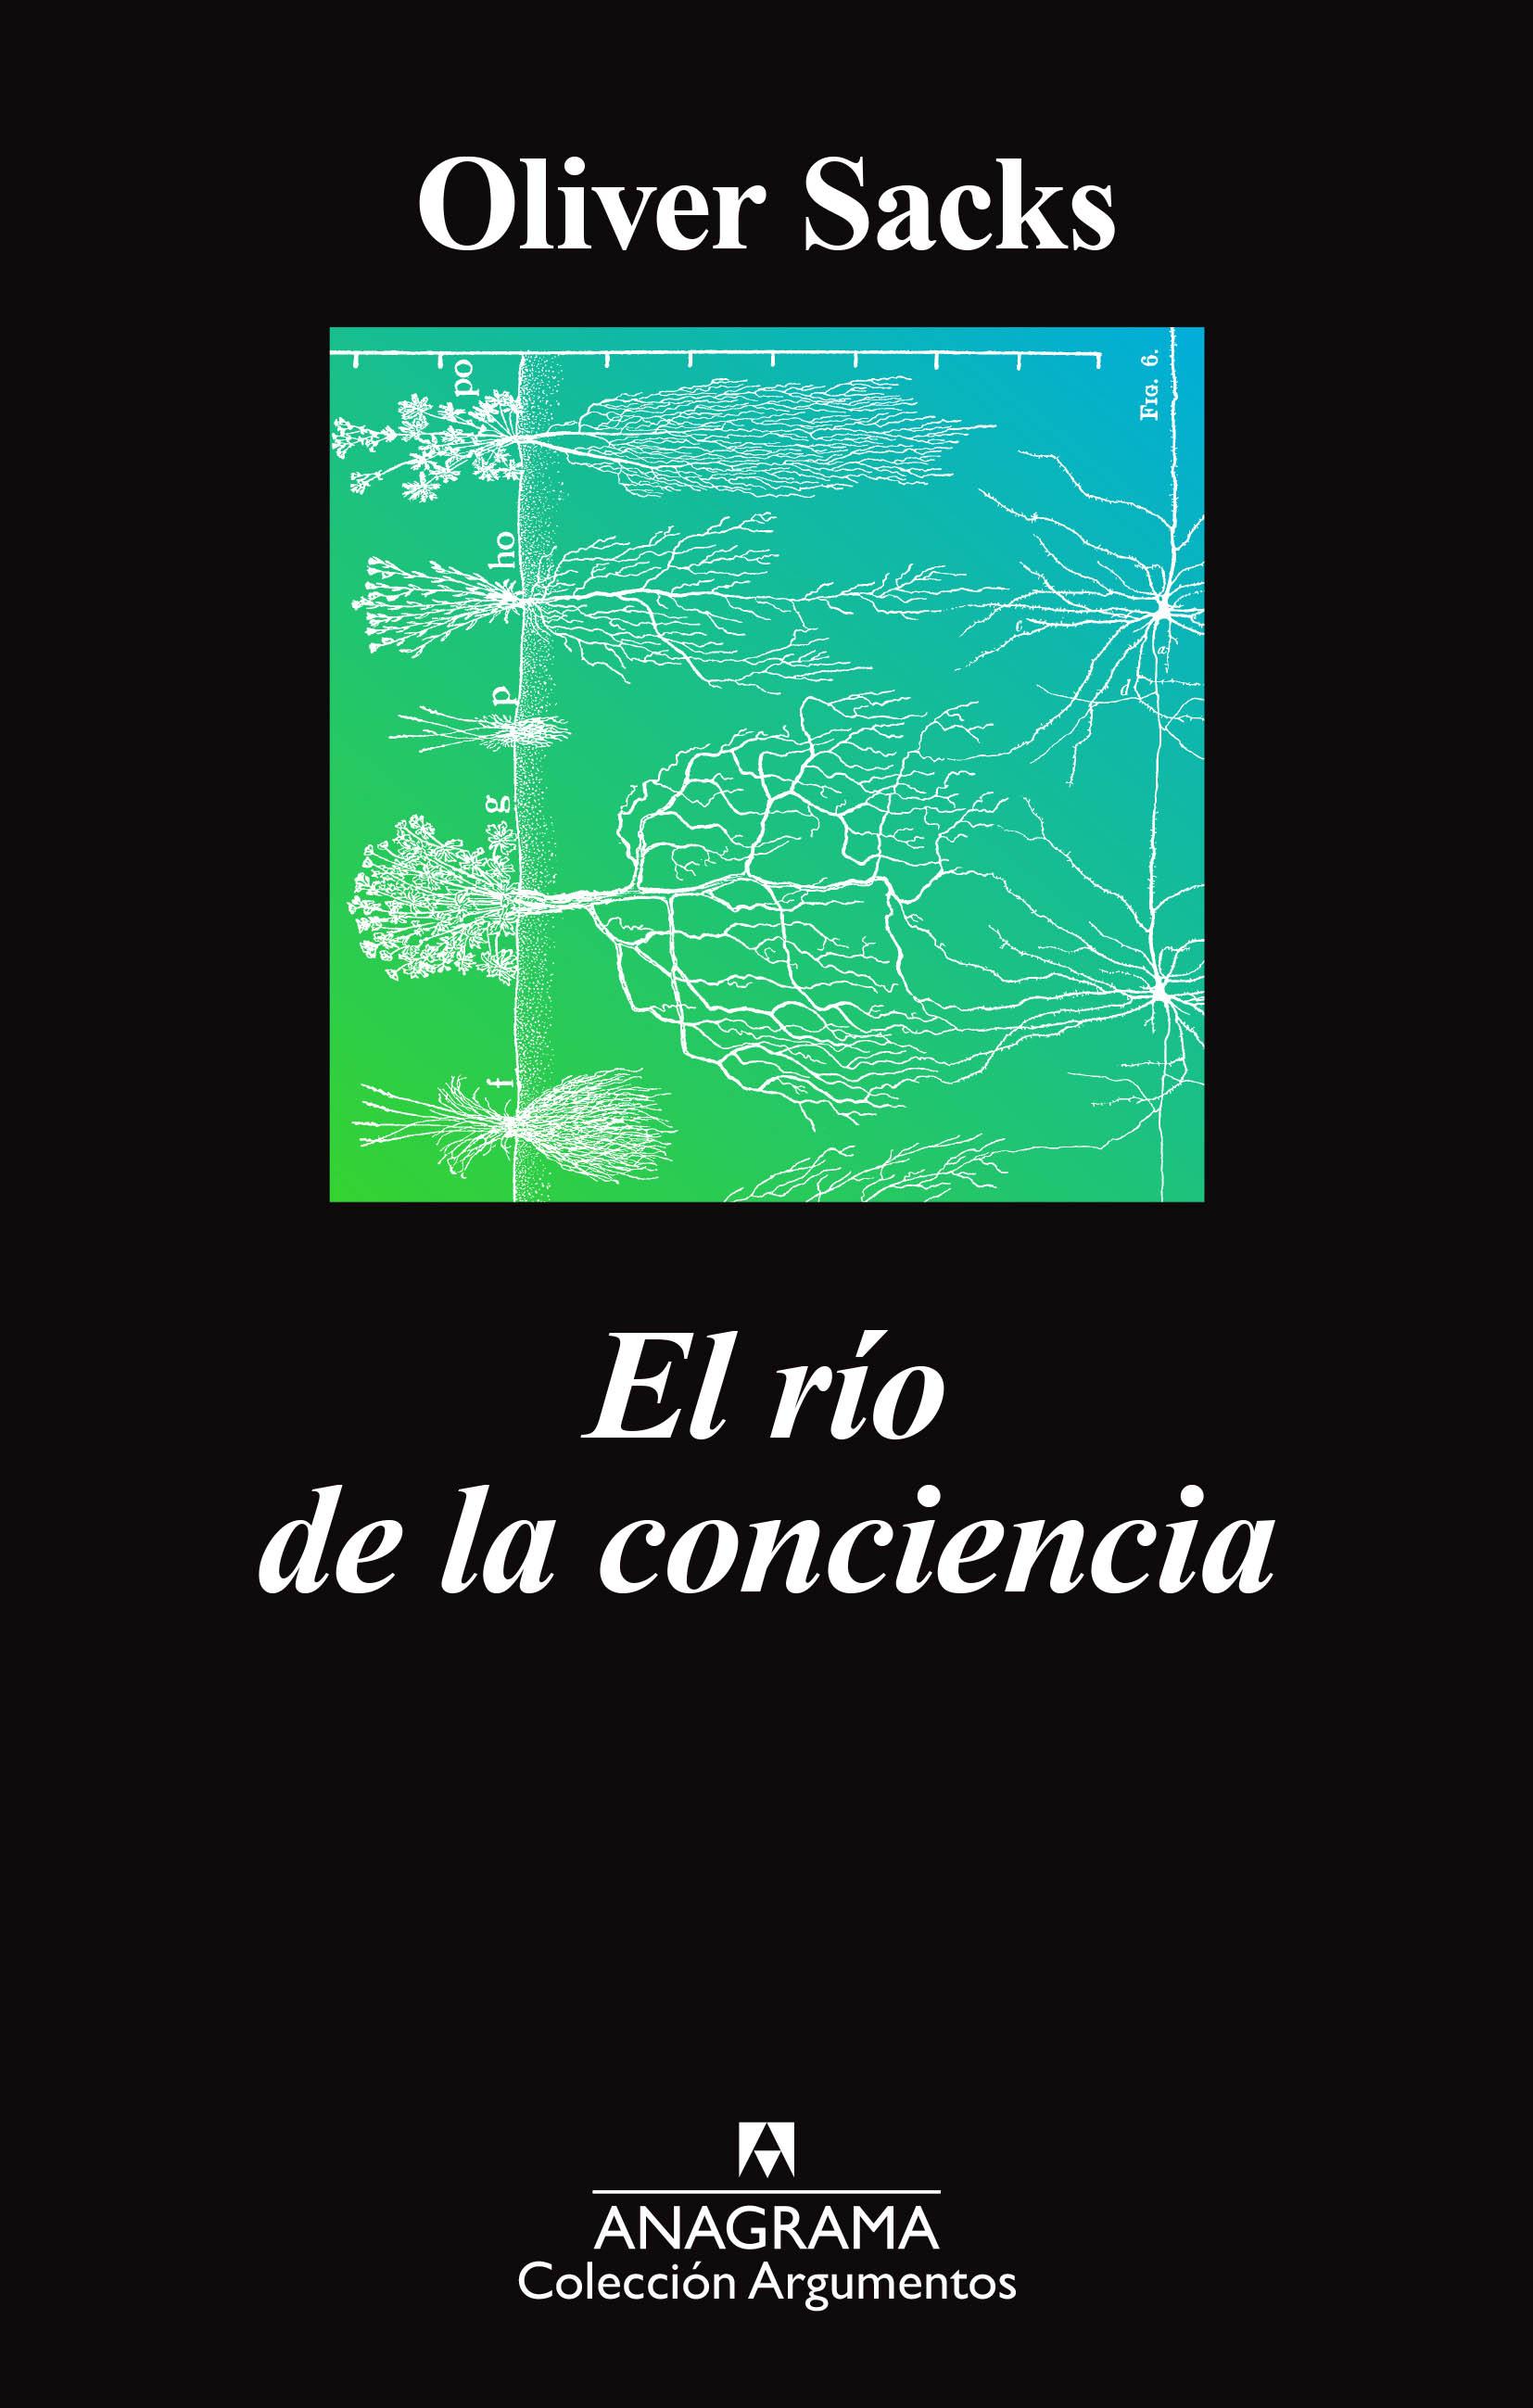 """Resultado de imagen de Oliver Sacks el río de la ciencia"""""""